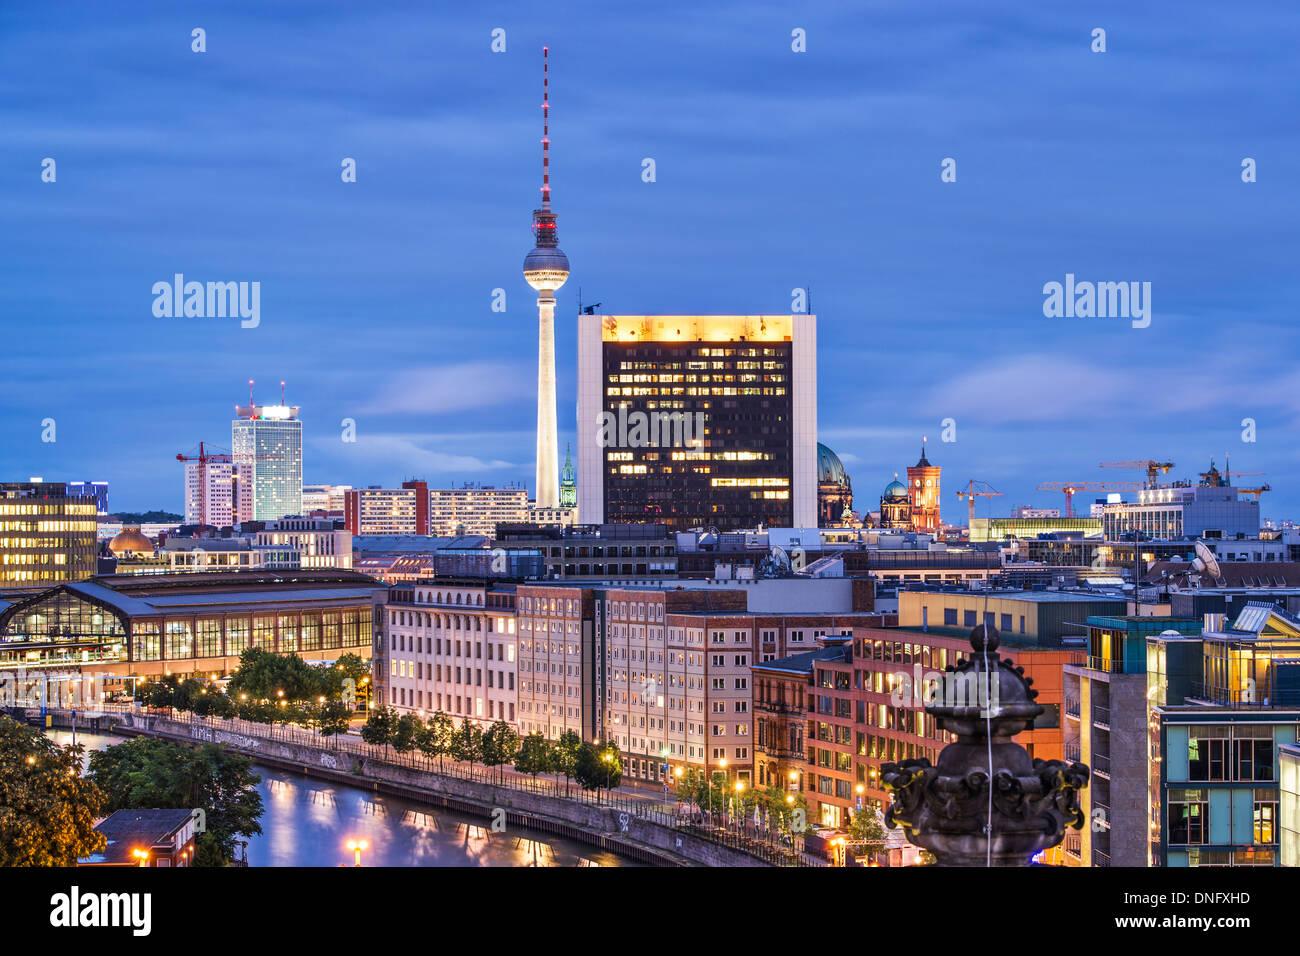 Stadtbild von Berlin, Deutschland. Stockbild